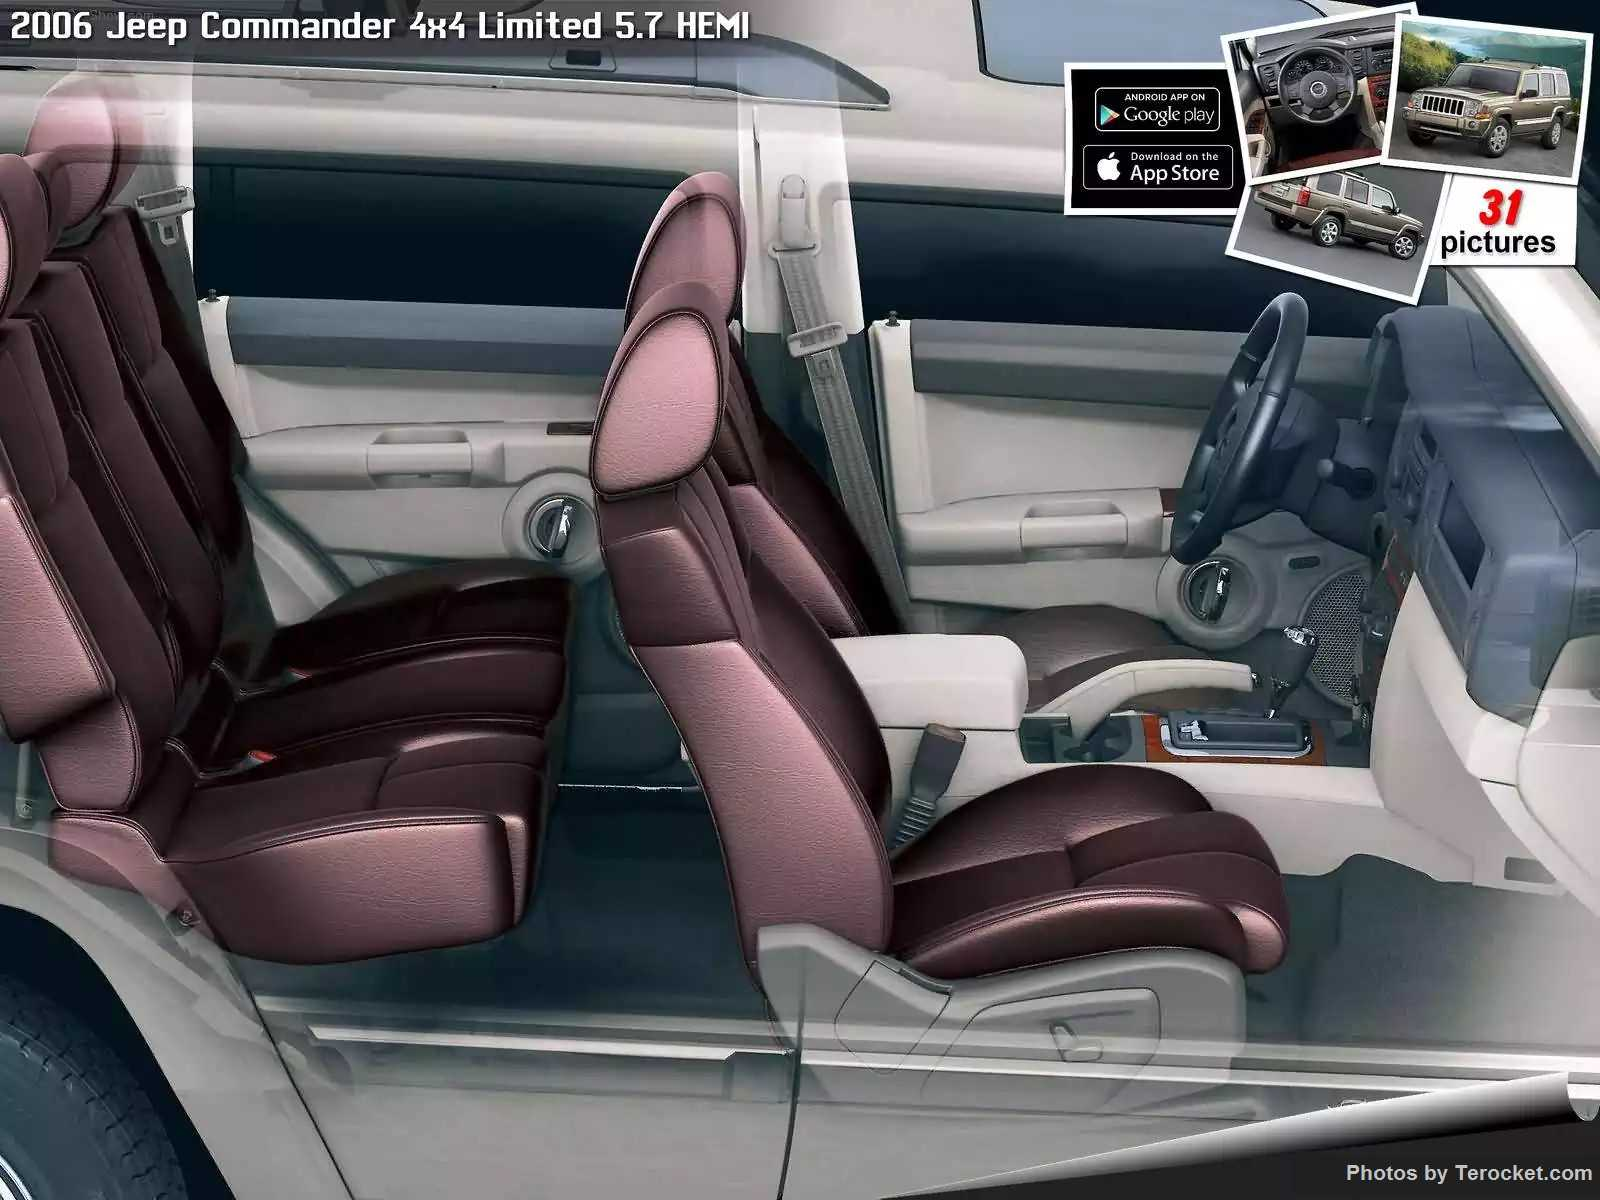 Hình ảnh xe ô tô Jeep Commander 4x4 Limited 5.7 HEMI 2006 & nội ngoại thất